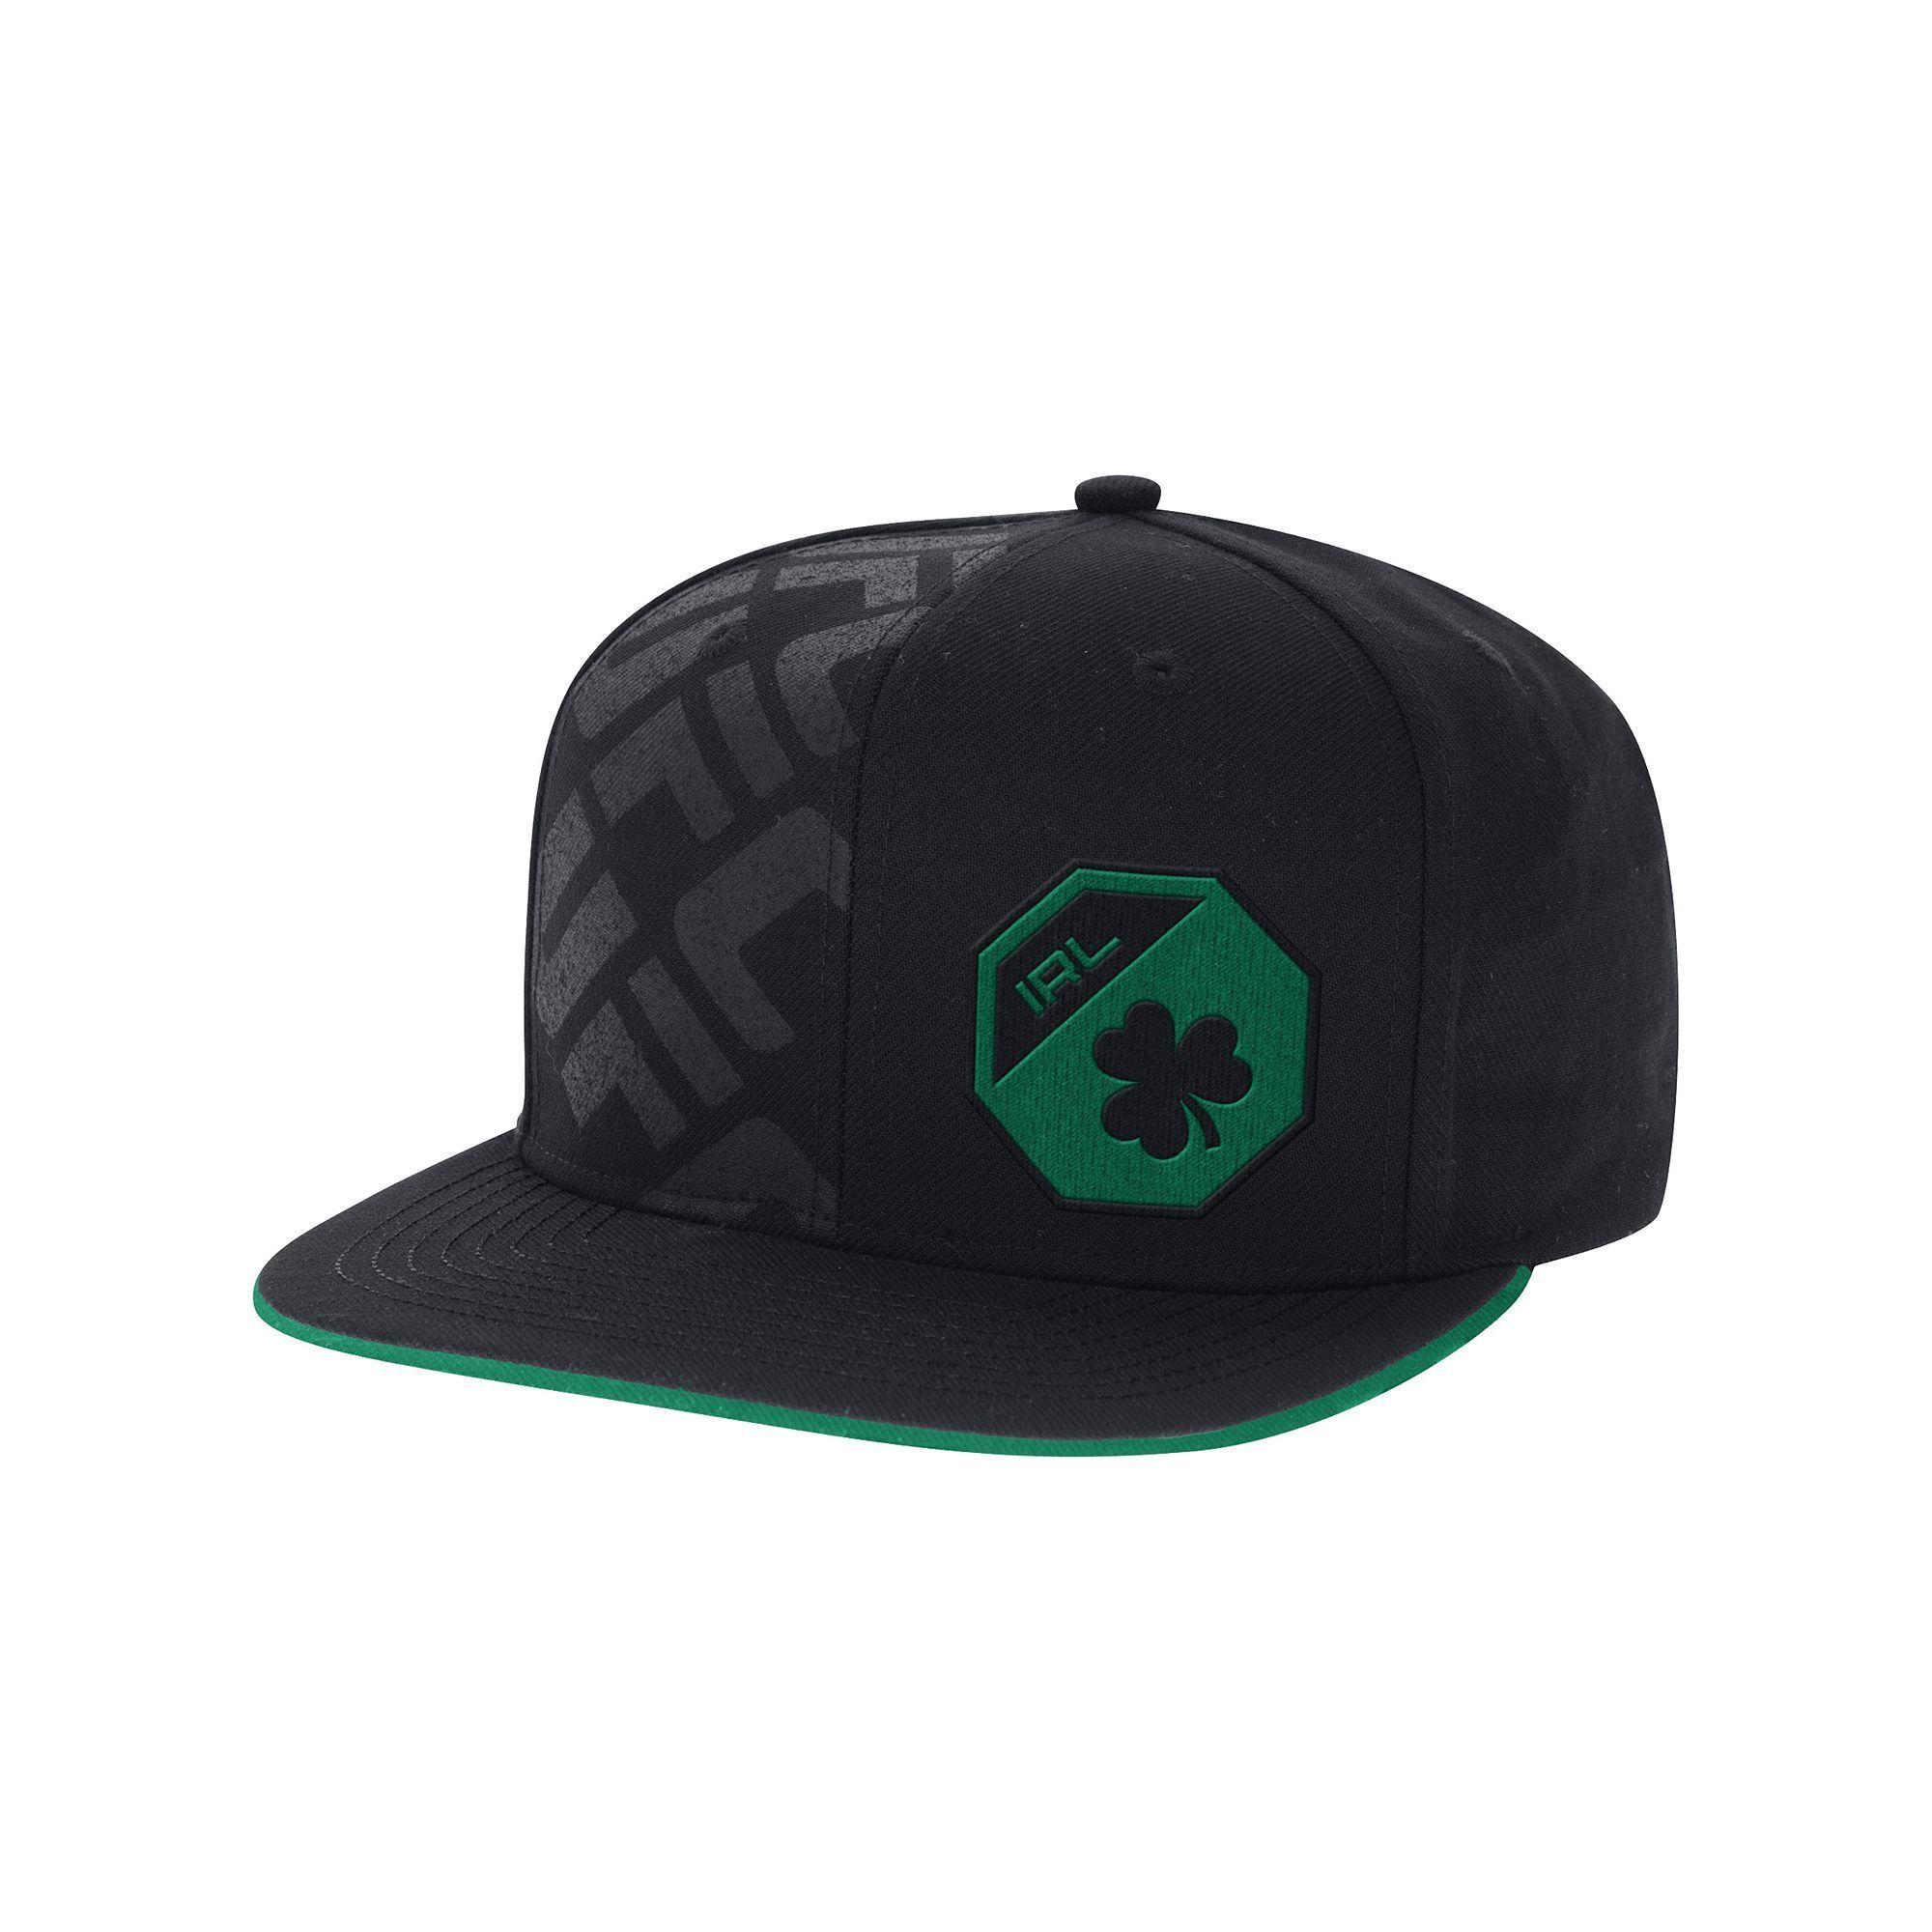 a9a5d45b Men's Reebok UFC Ireland Fighter Adjustable Cap | Products | Cap ...